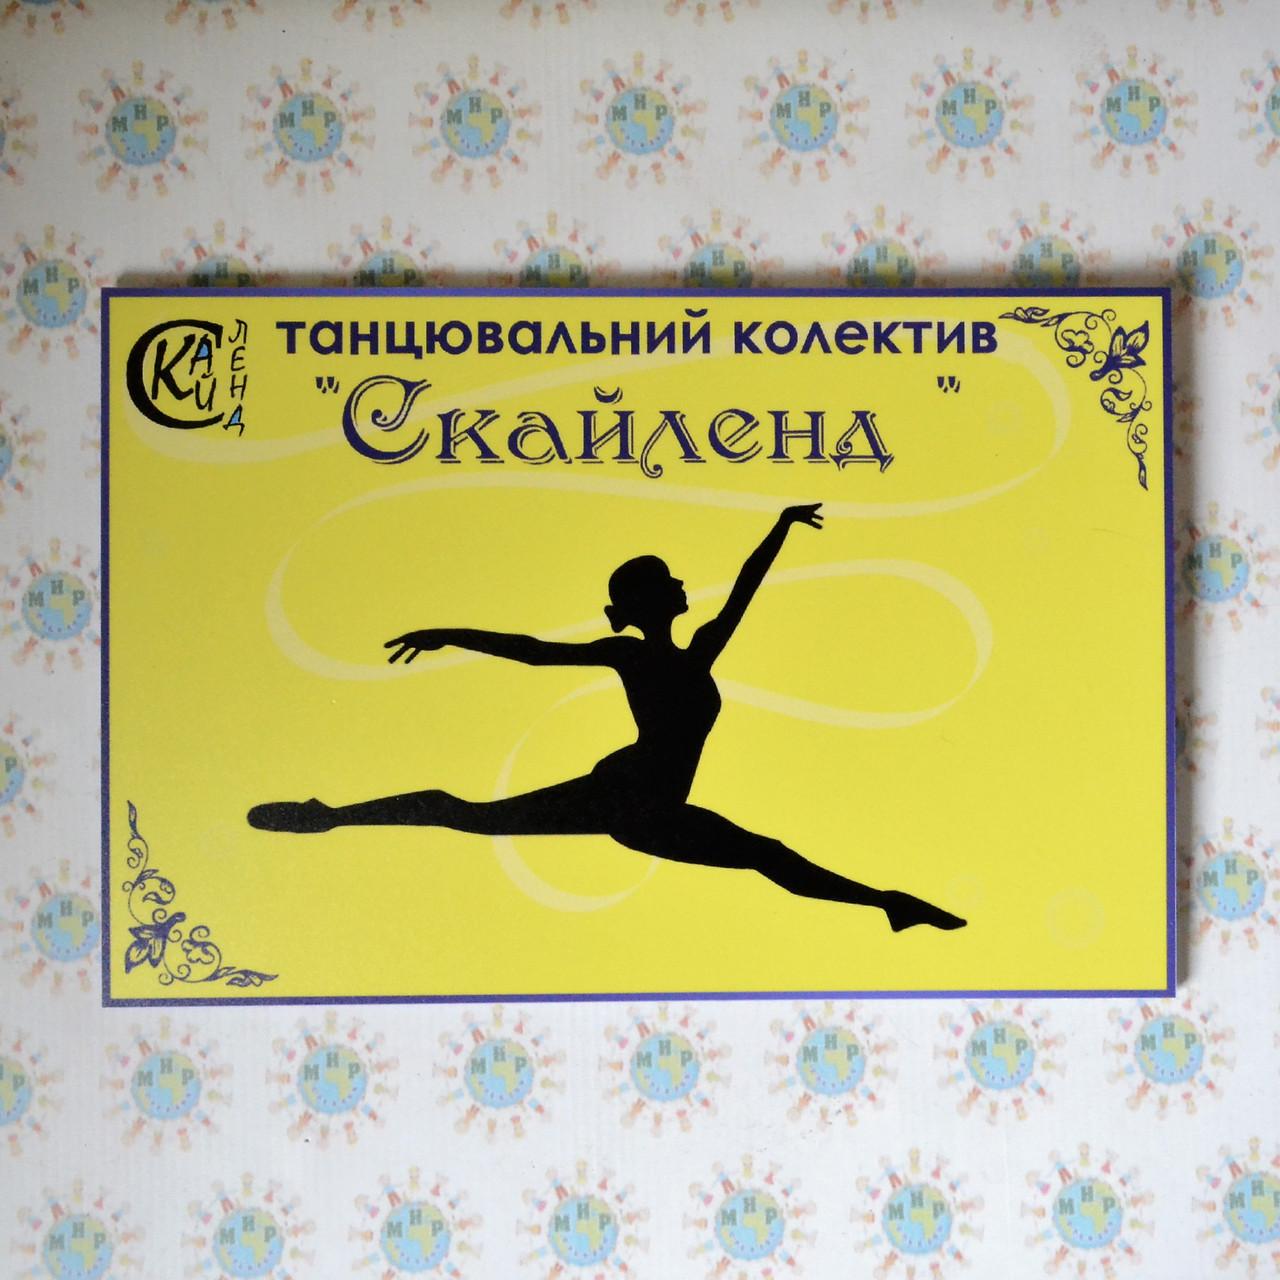 Табличка для танцевальной студии